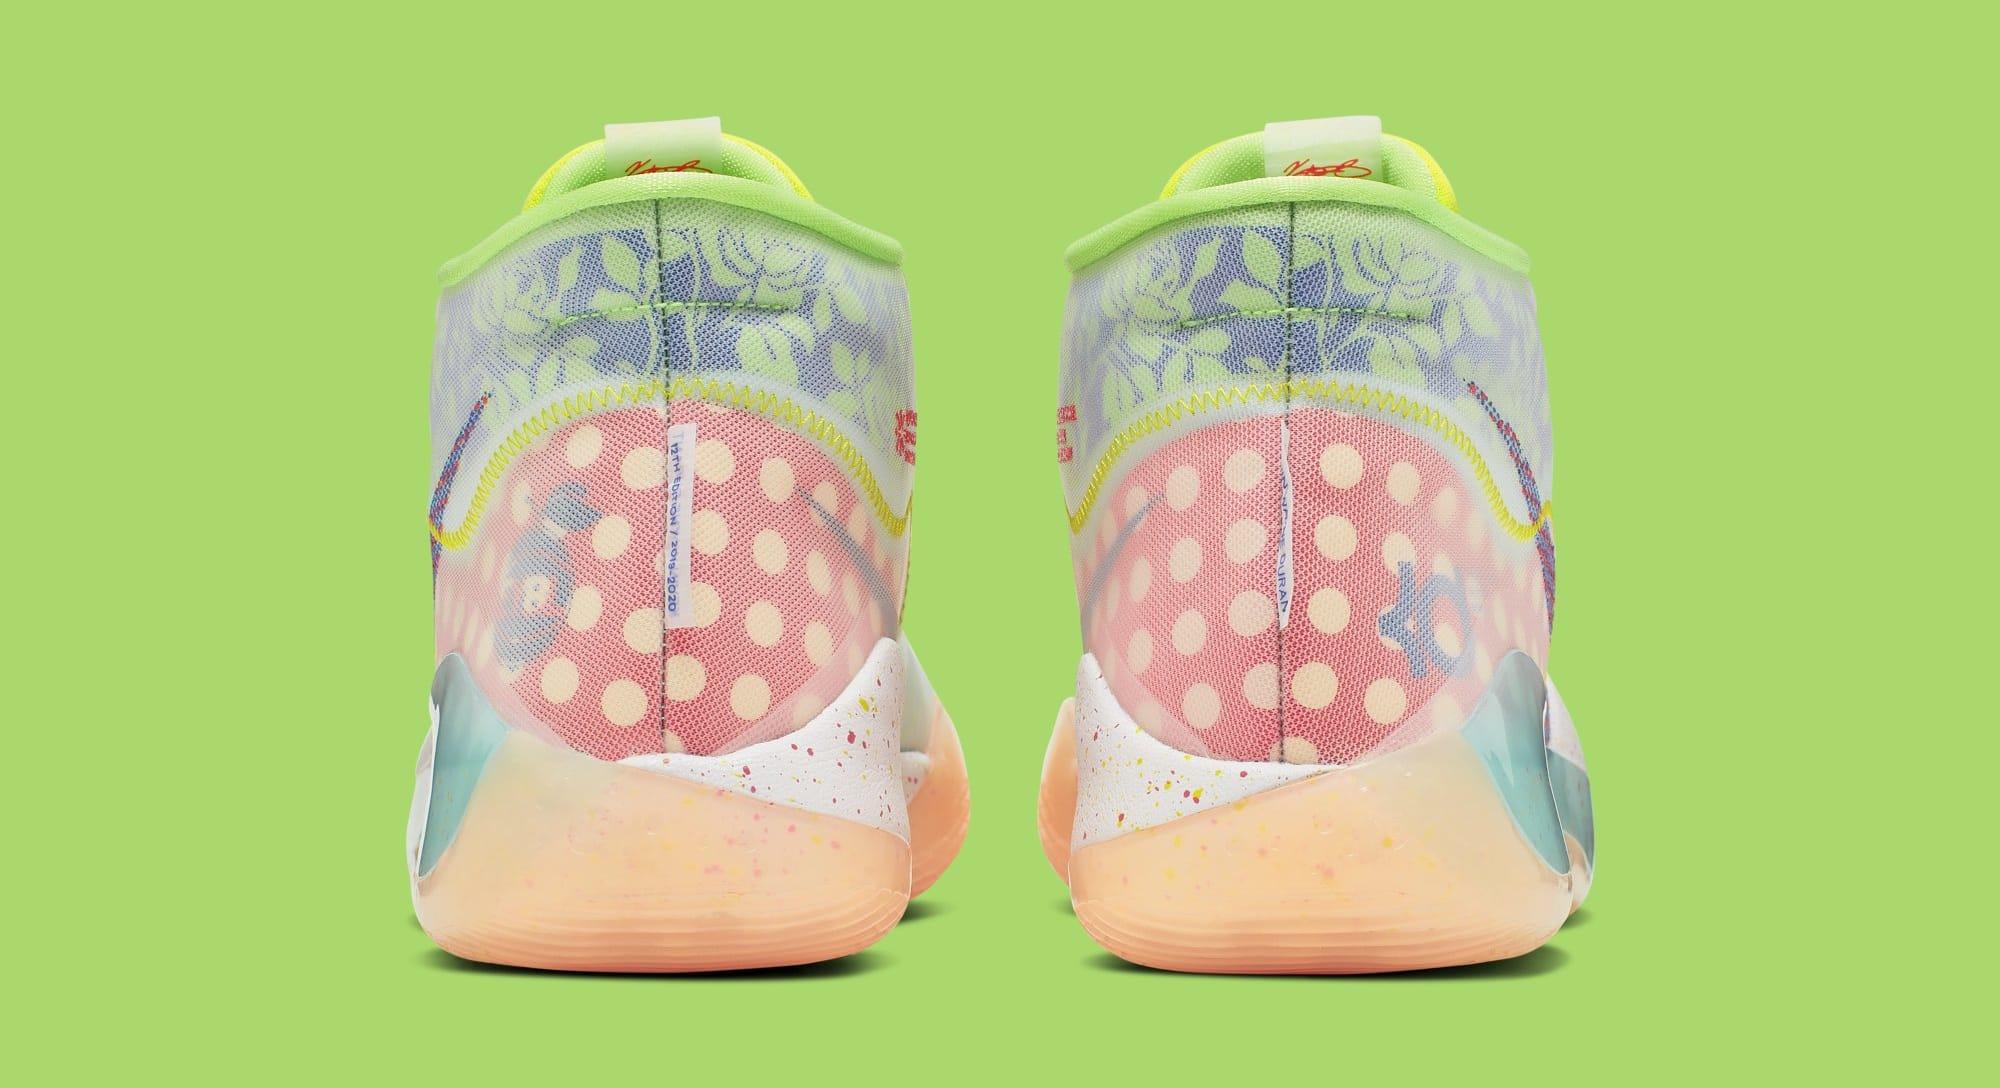 Nike KD 12 'EYBL' CK1195-300 (Heel)